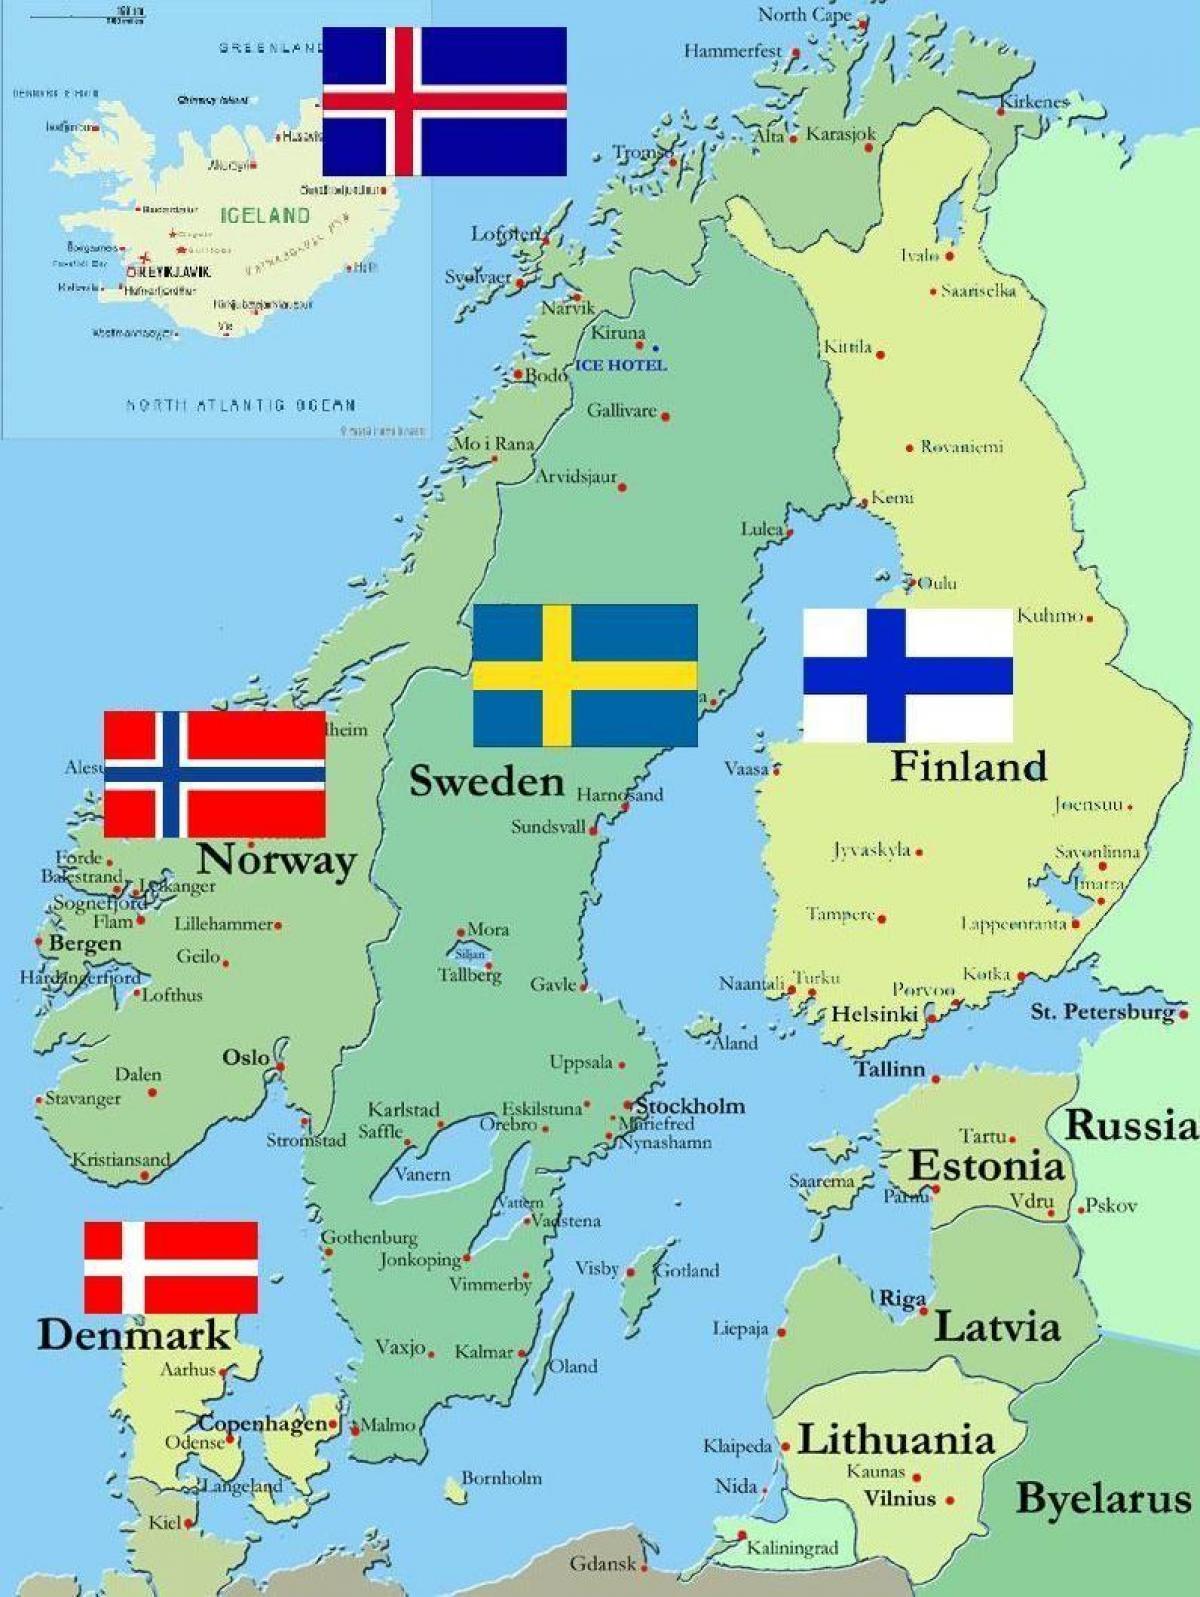 kart over finland Kart over Finland   Finland i kart av verden (Northern Europe  kart over finland